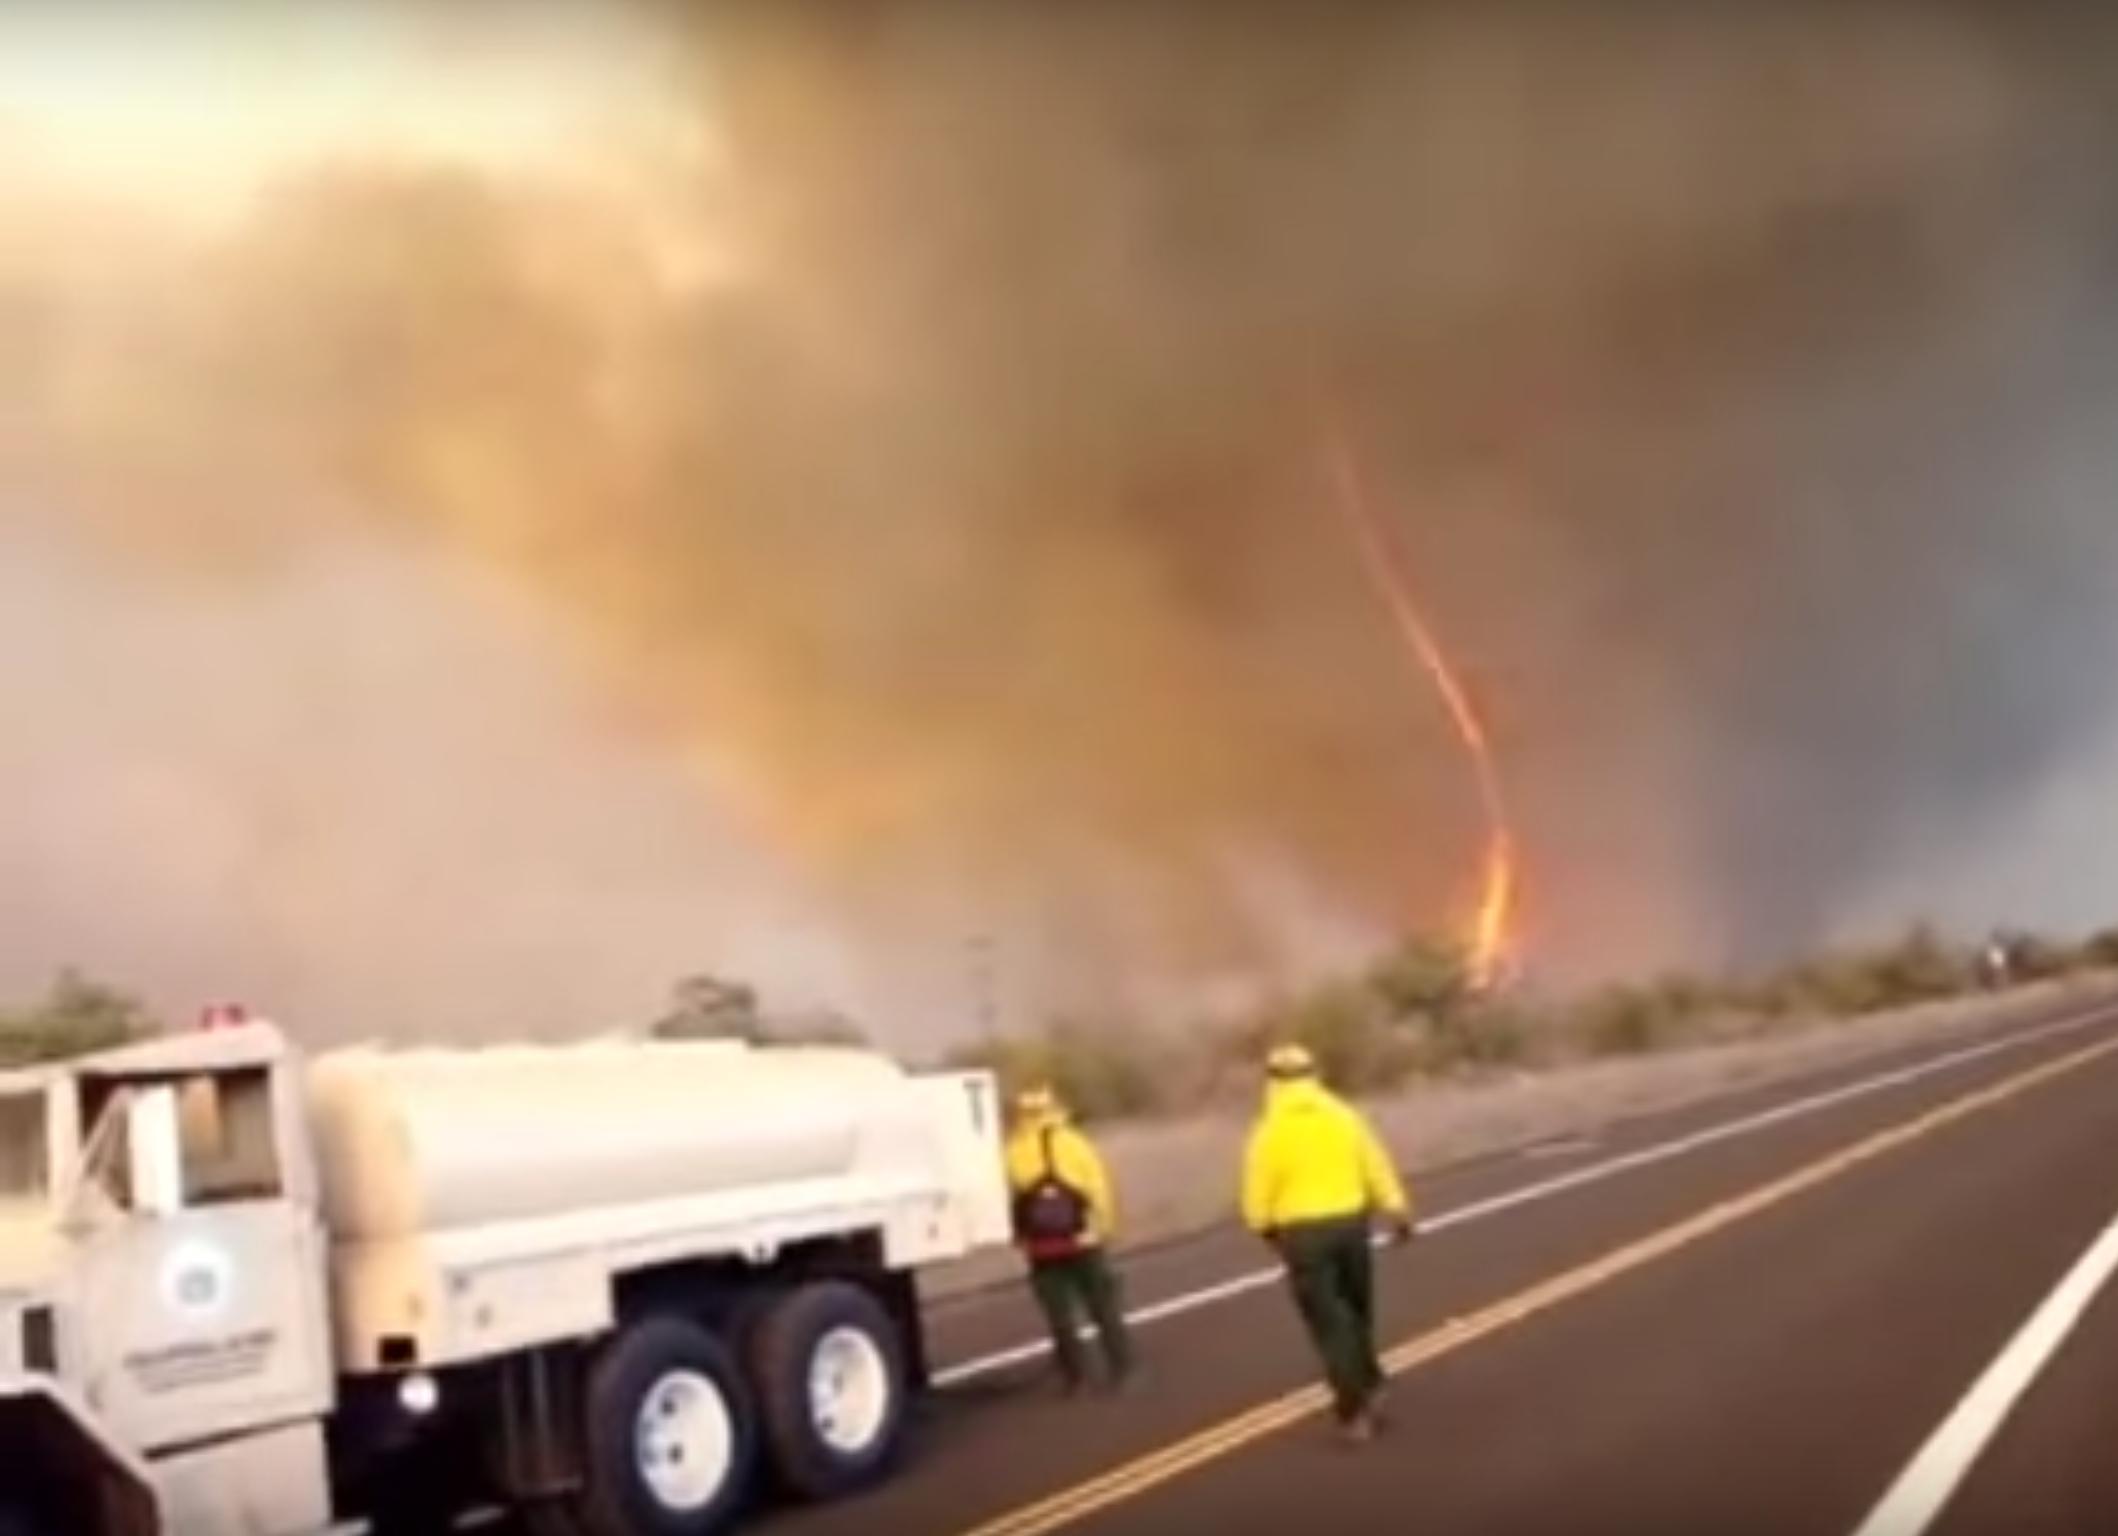 A fire tornado captured during the 2010 Mauna Kea 33 fire on the Big Island. Source: YouTube.